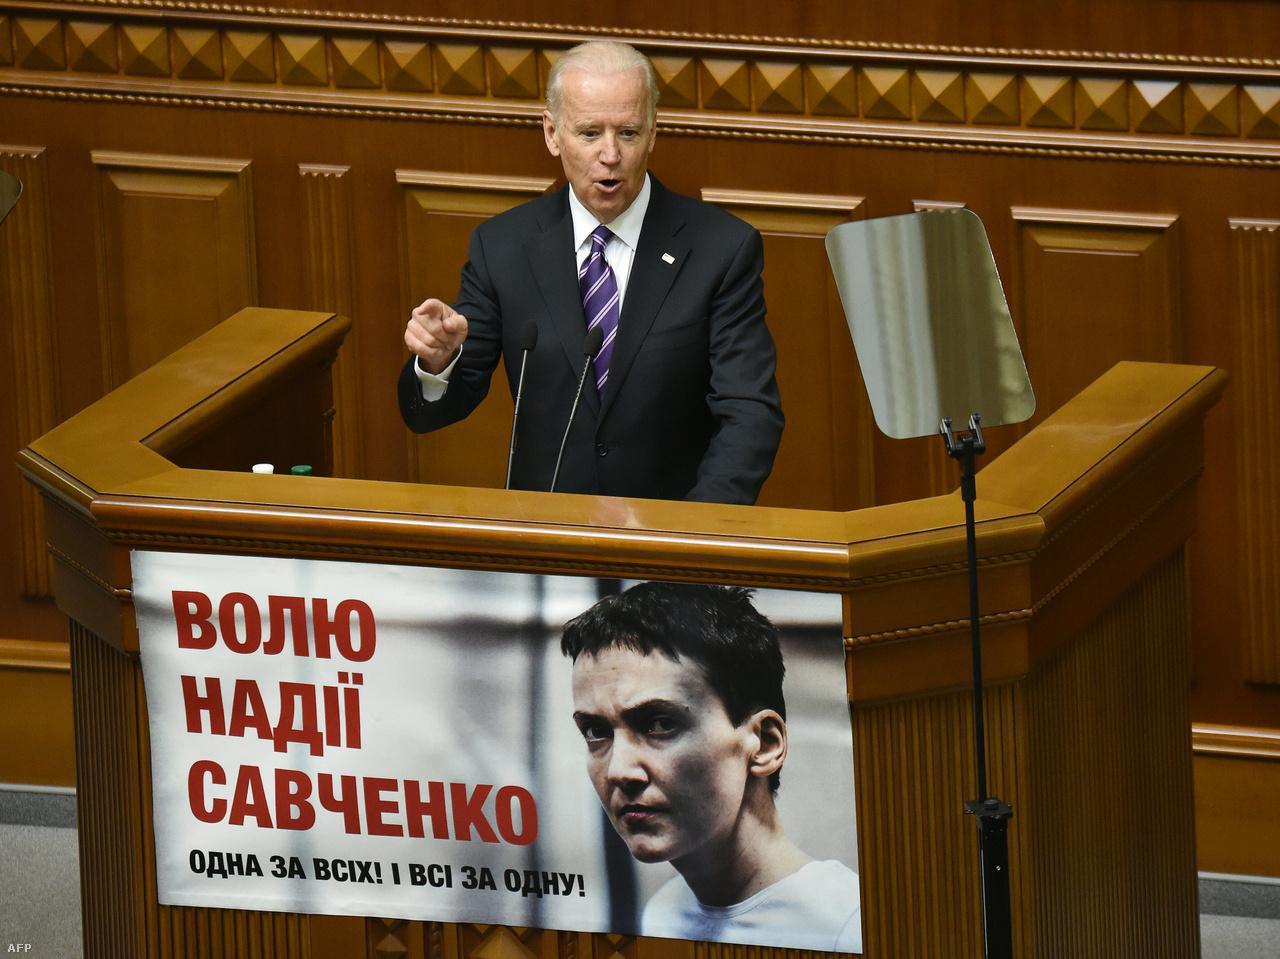 Kiemelt prioritásként kezelte az ukrajnai konfliktust. Több alkalommal is járt Kijevben, 2015-ben a parlamentben is felszólalt. Kritikusai szerint 2014-ben még alelnökként egy egymilliárd dolláros segély megvonásával fenyegette meg Petro Porosenko, akkori ukrán elnököt, hogy nevezzék ki kisebbik fiát, Huntert a Burisma Holdings igazgatói tanácsába. Ezután pedig nyomást gyakorolt Kijevre, hogy menesszék a vállalat ellen vizsgálódó Viktor Sokin főügyészt. Azóta az amerikai hatóságok vizsgálódnak Hunter ukrajnai tevékenysége után, de a Burisma-ügy végül nem Bidennek, hanem Donald Trumpnak vált kárára. A távozó elnök ellen ugyanis ennek az ügynek a kapcsán indították meg az első impeachment eljárást.